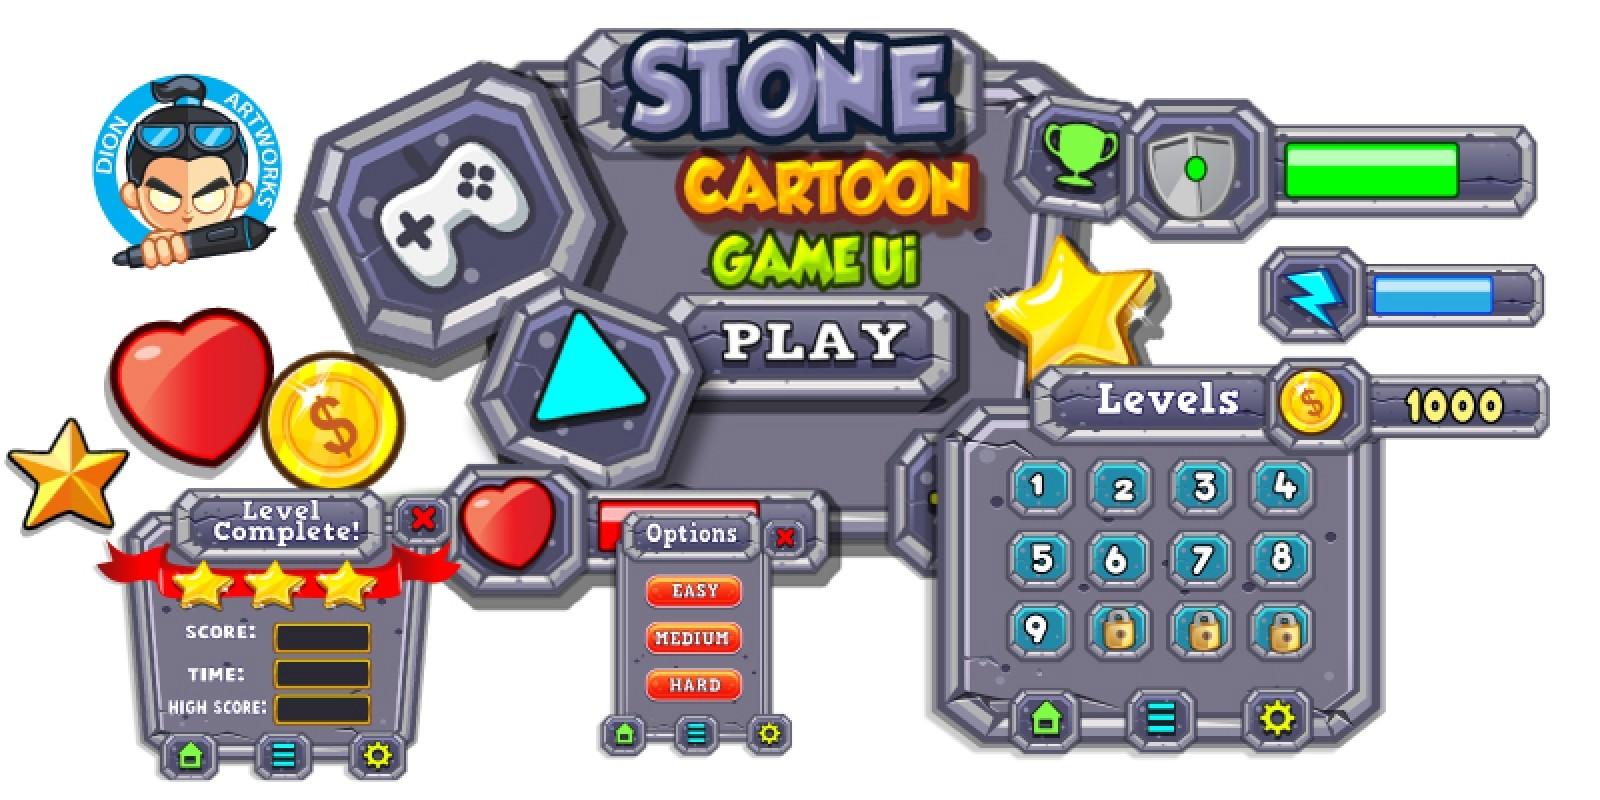 Stone Cartoon Game Ui Set  13